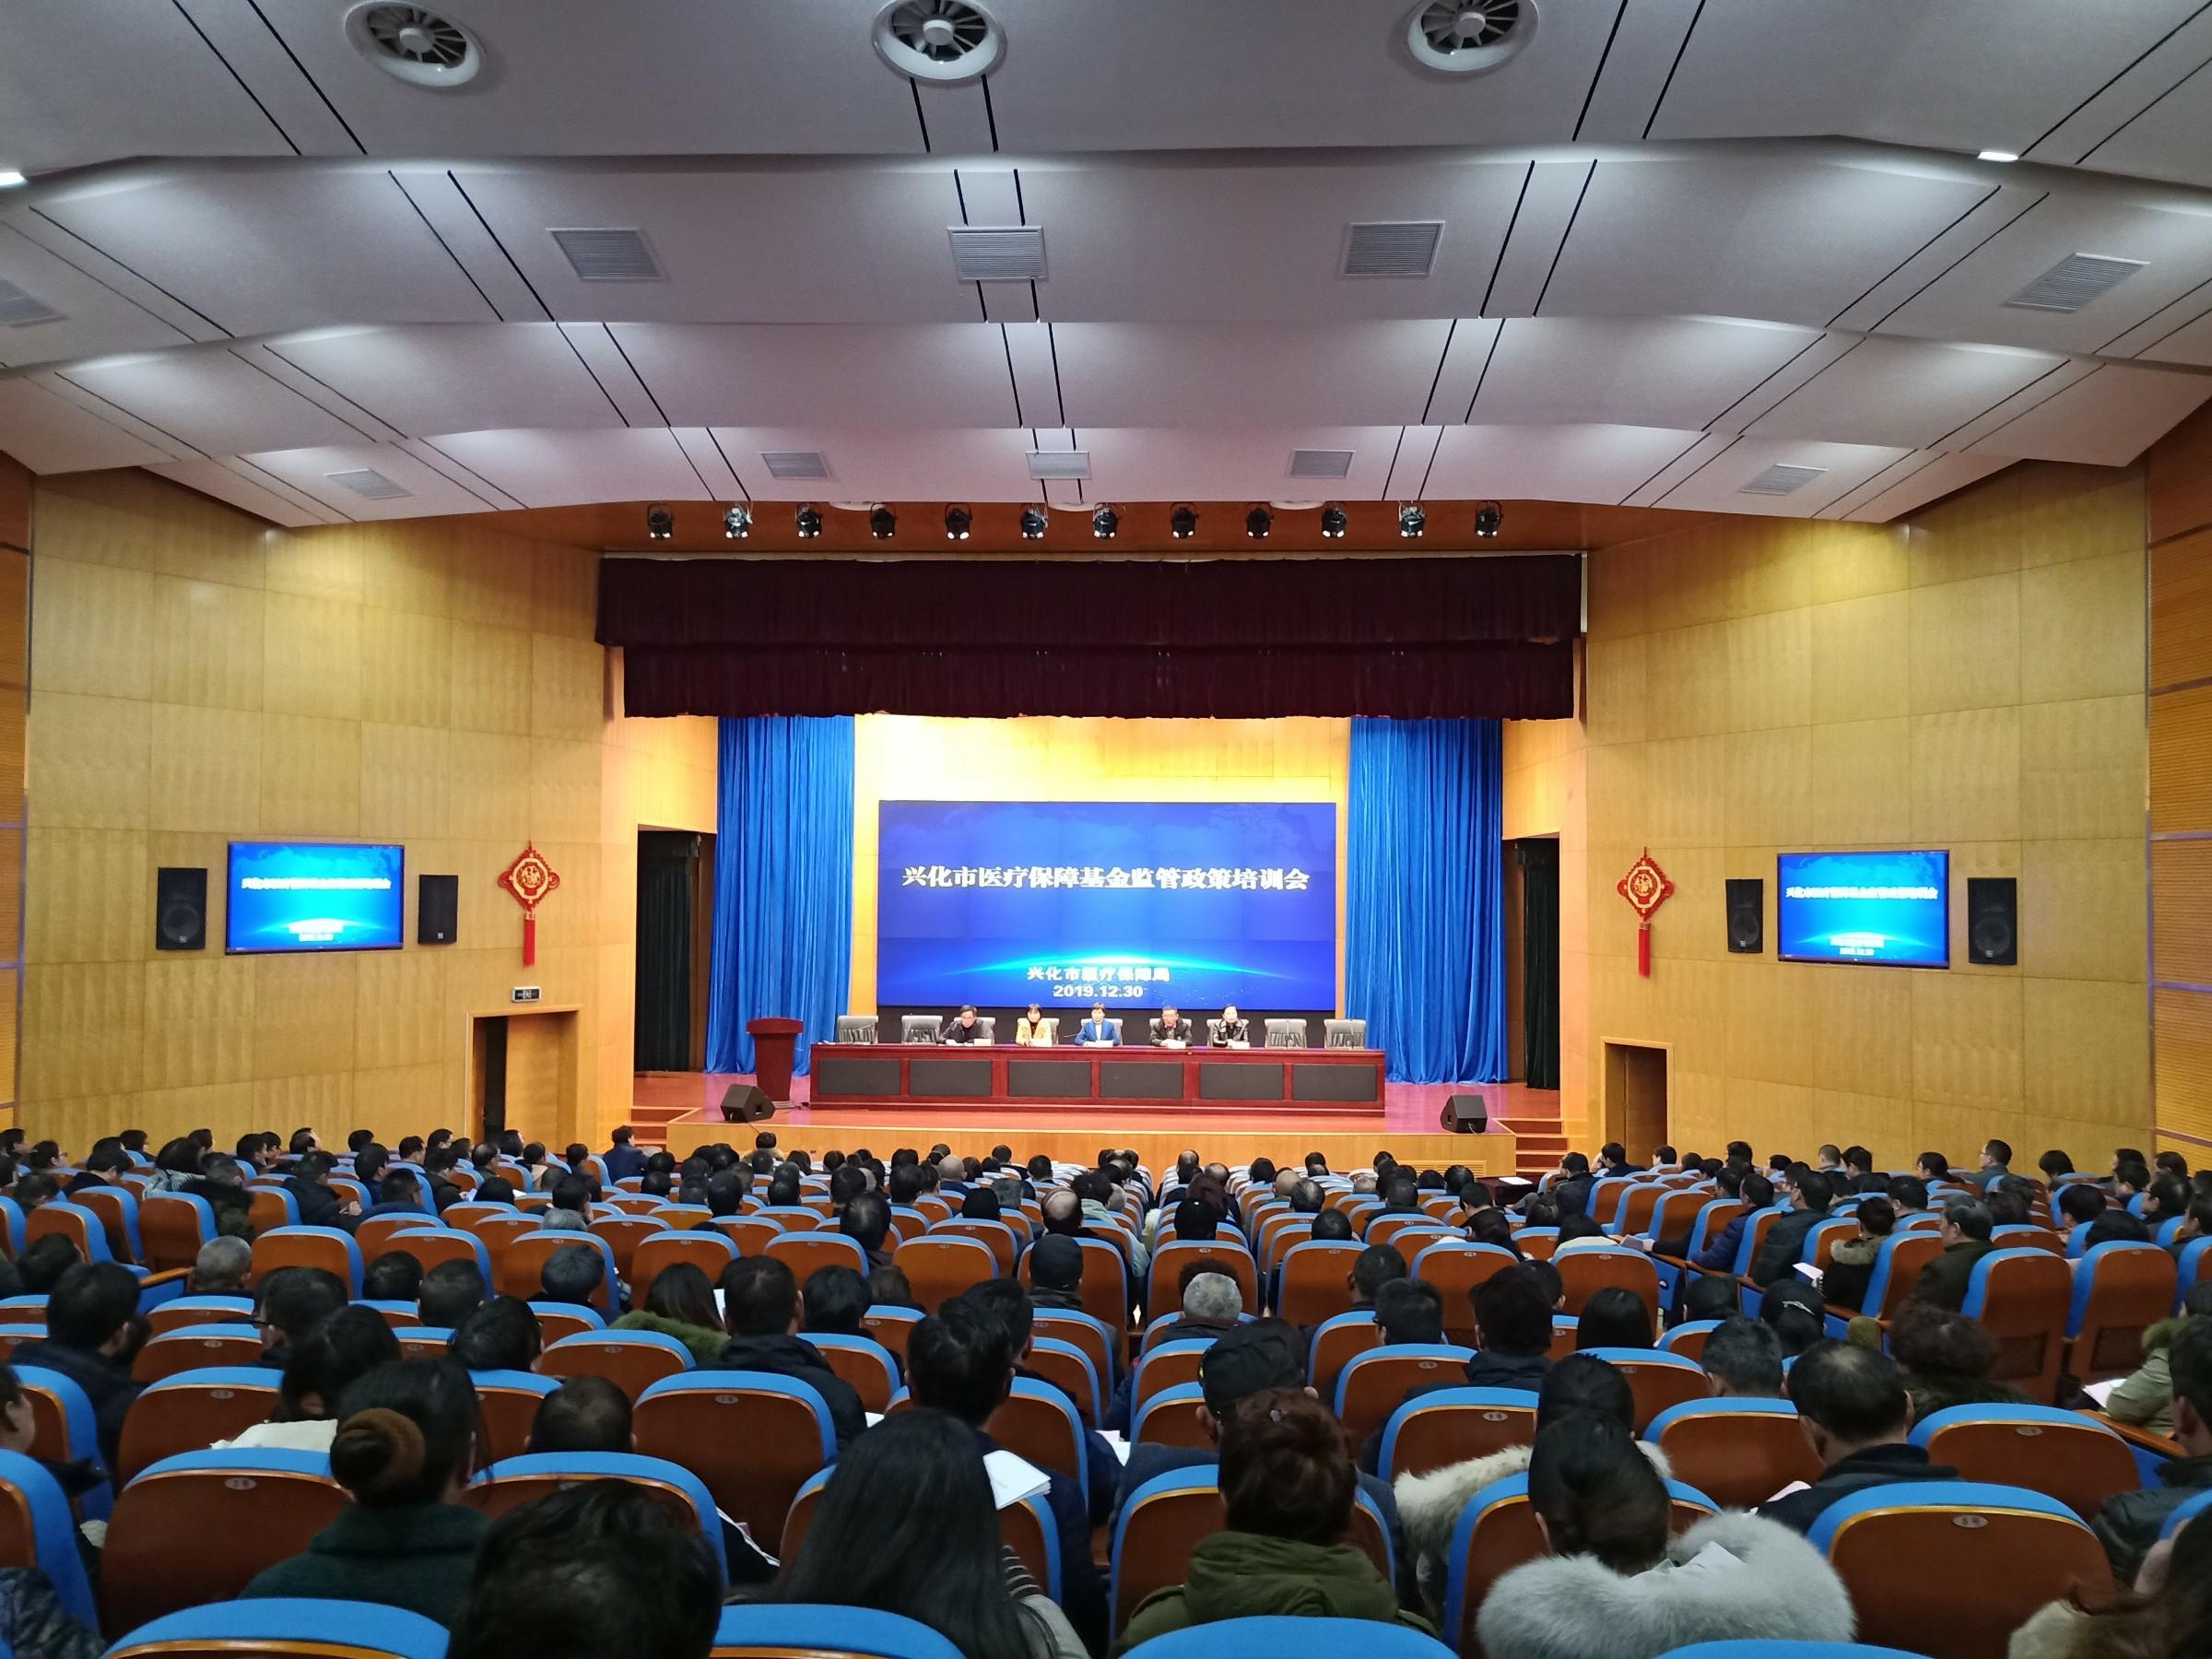 江苏省兴化市医保局大力推进医保基金监管